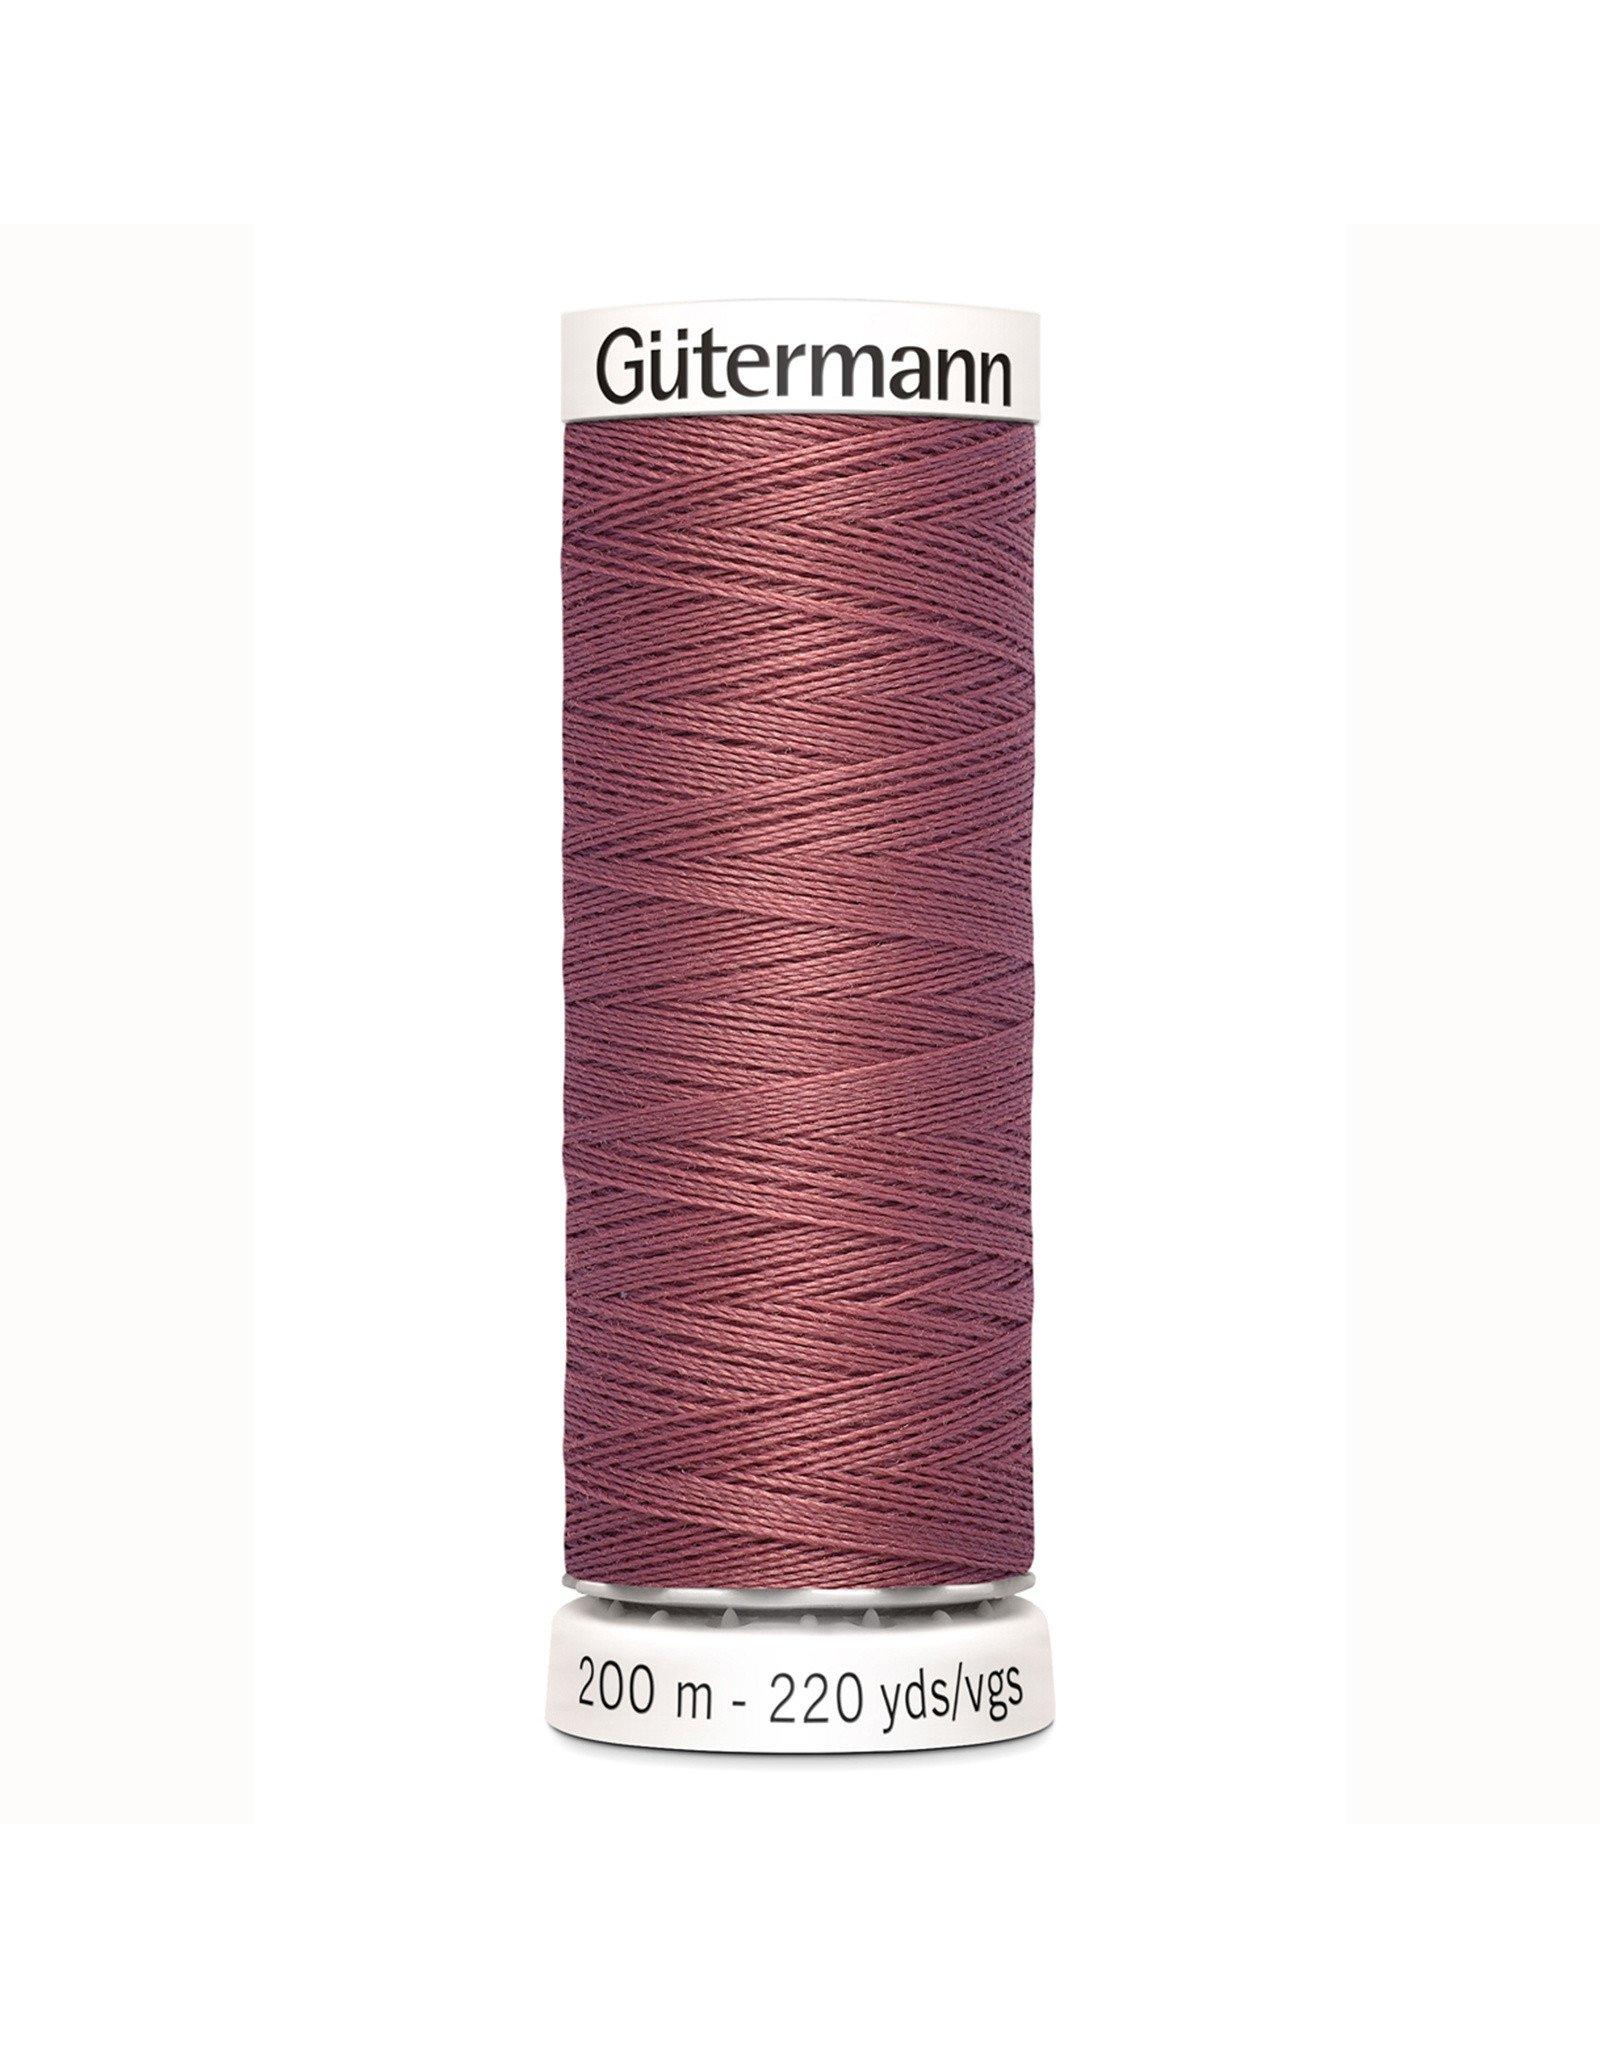 Gütermann Gütermann Sewing Thread 200 m - nr 474